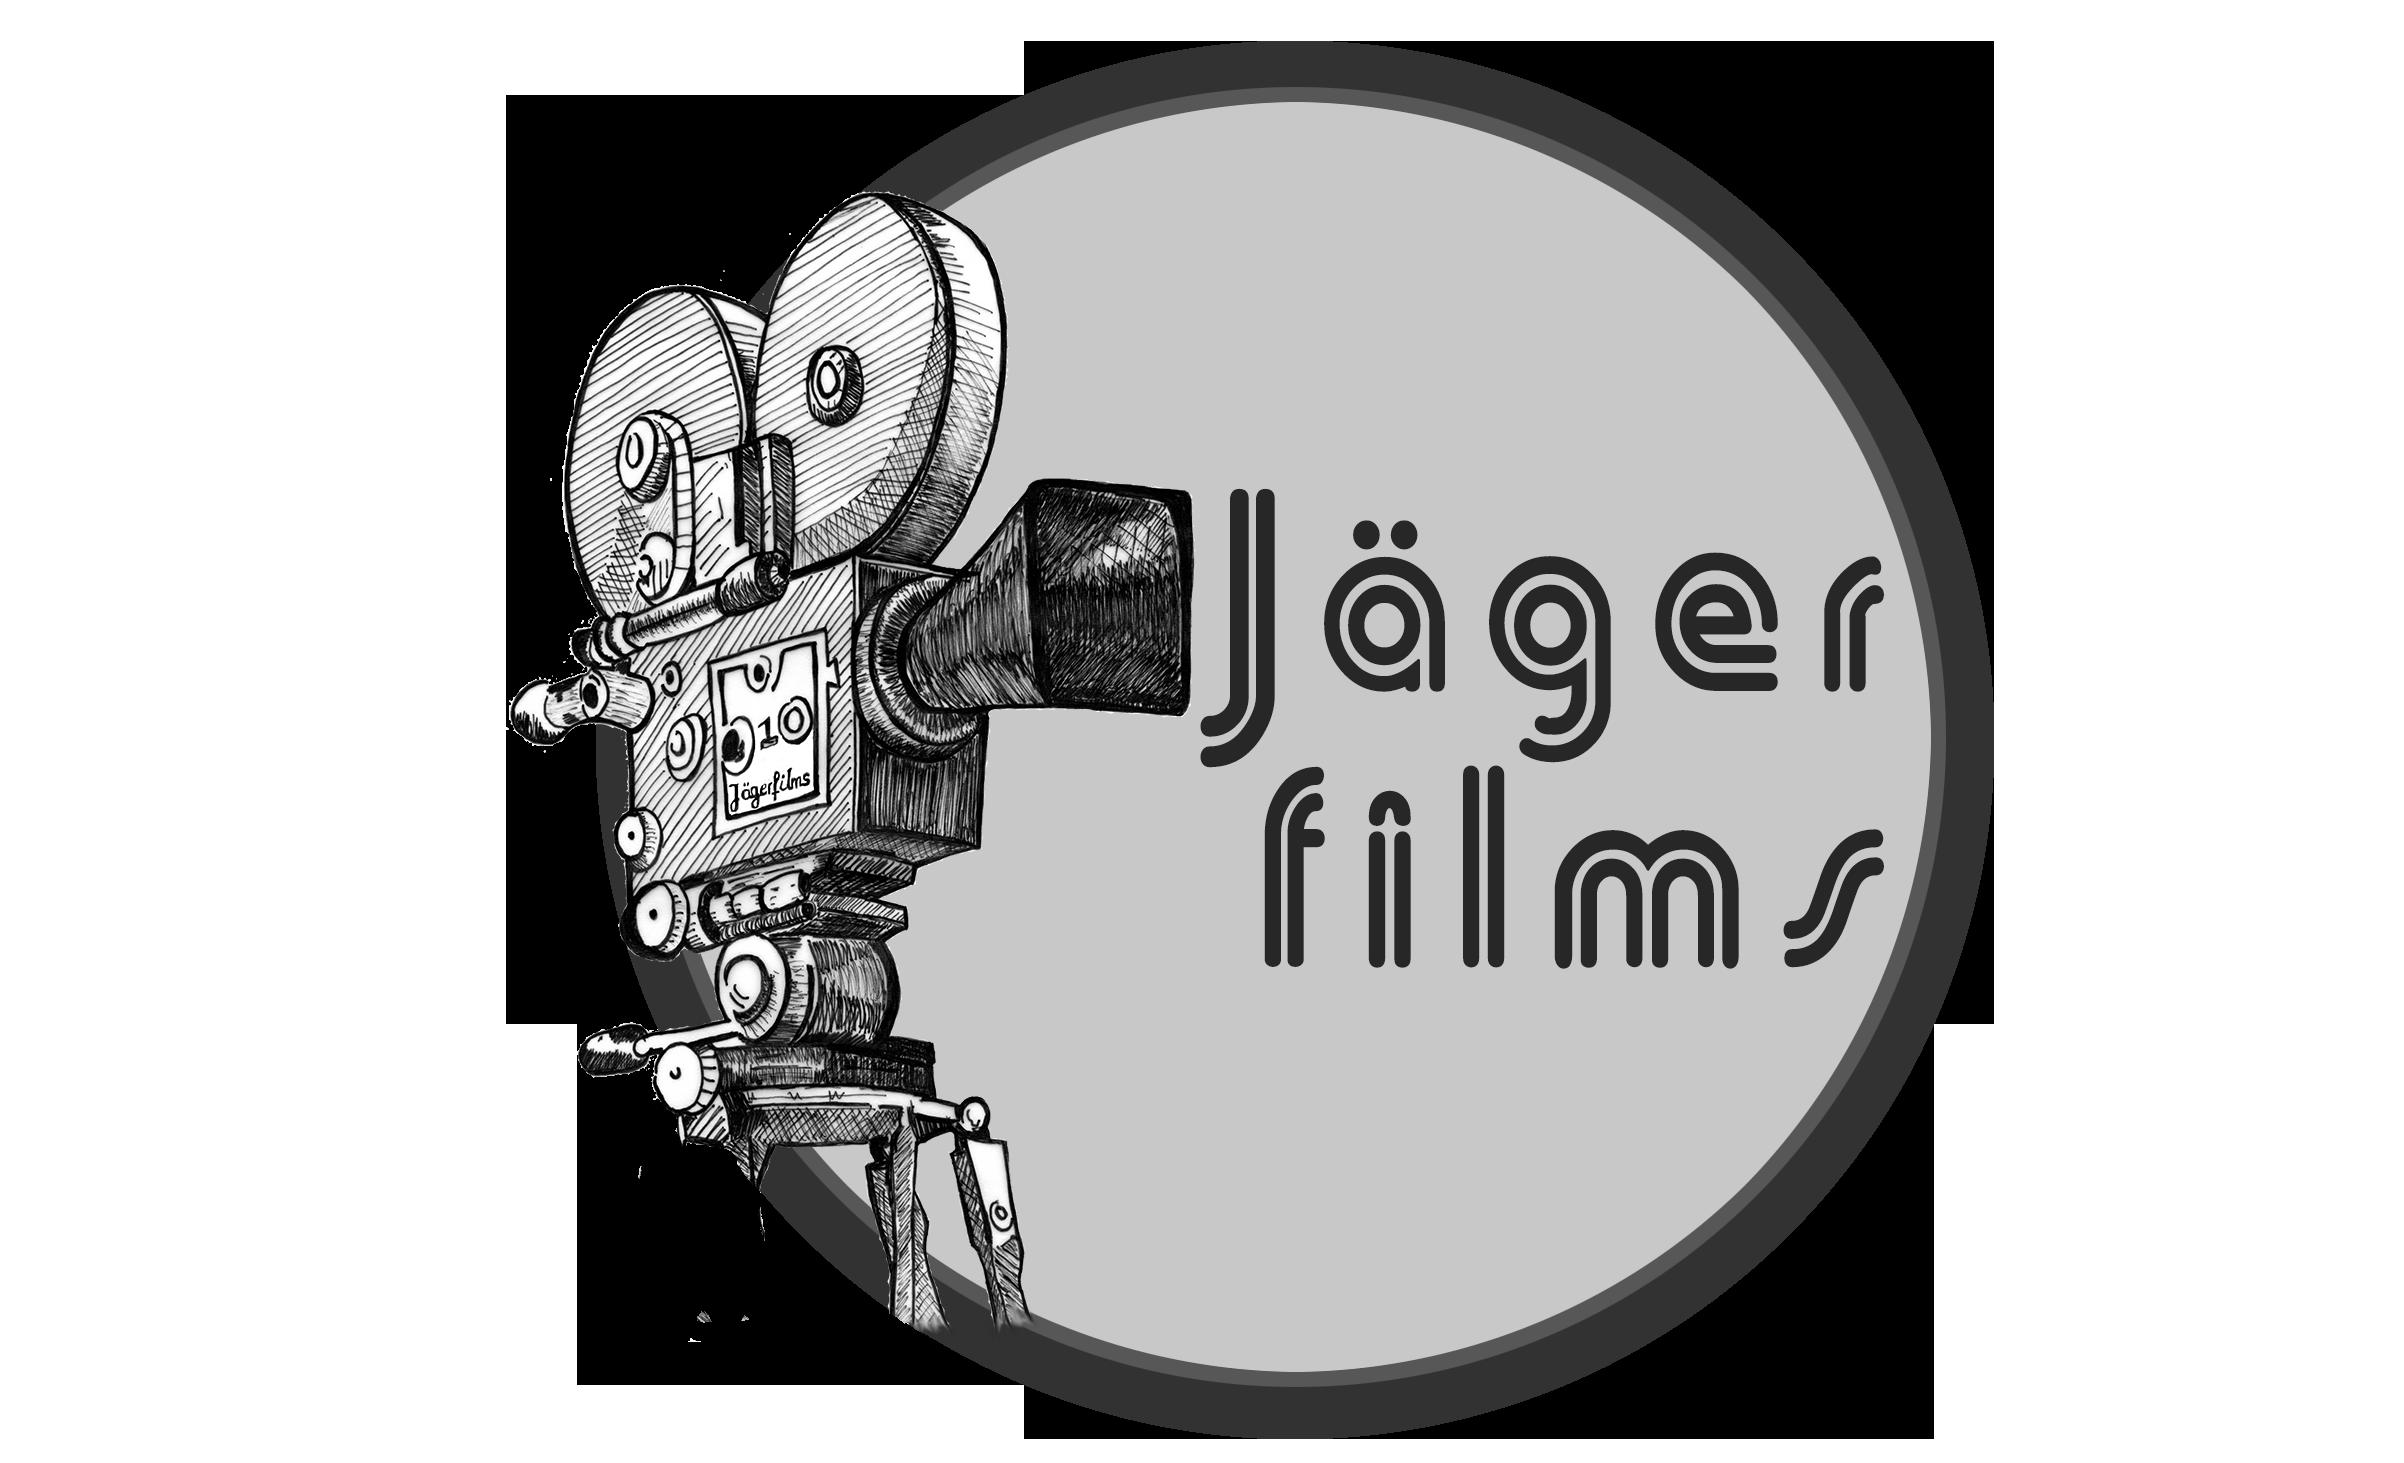 Jaegerfilms